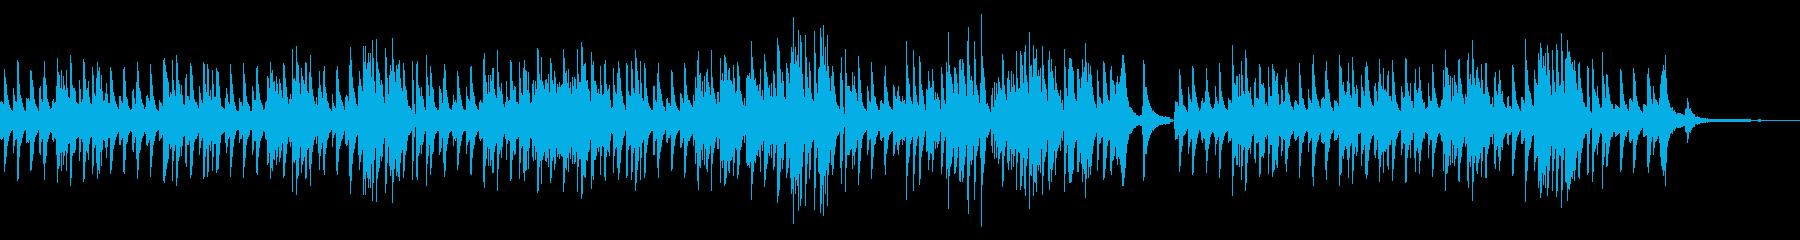 ピ:優雅でリラックスできるピアノソロの再生済みの波形